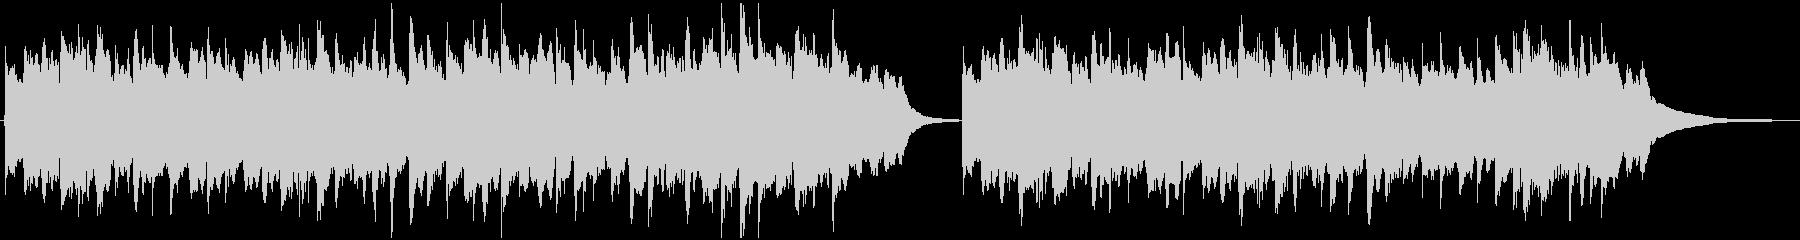 神秘的で美しいハープ曲の未再生の波形